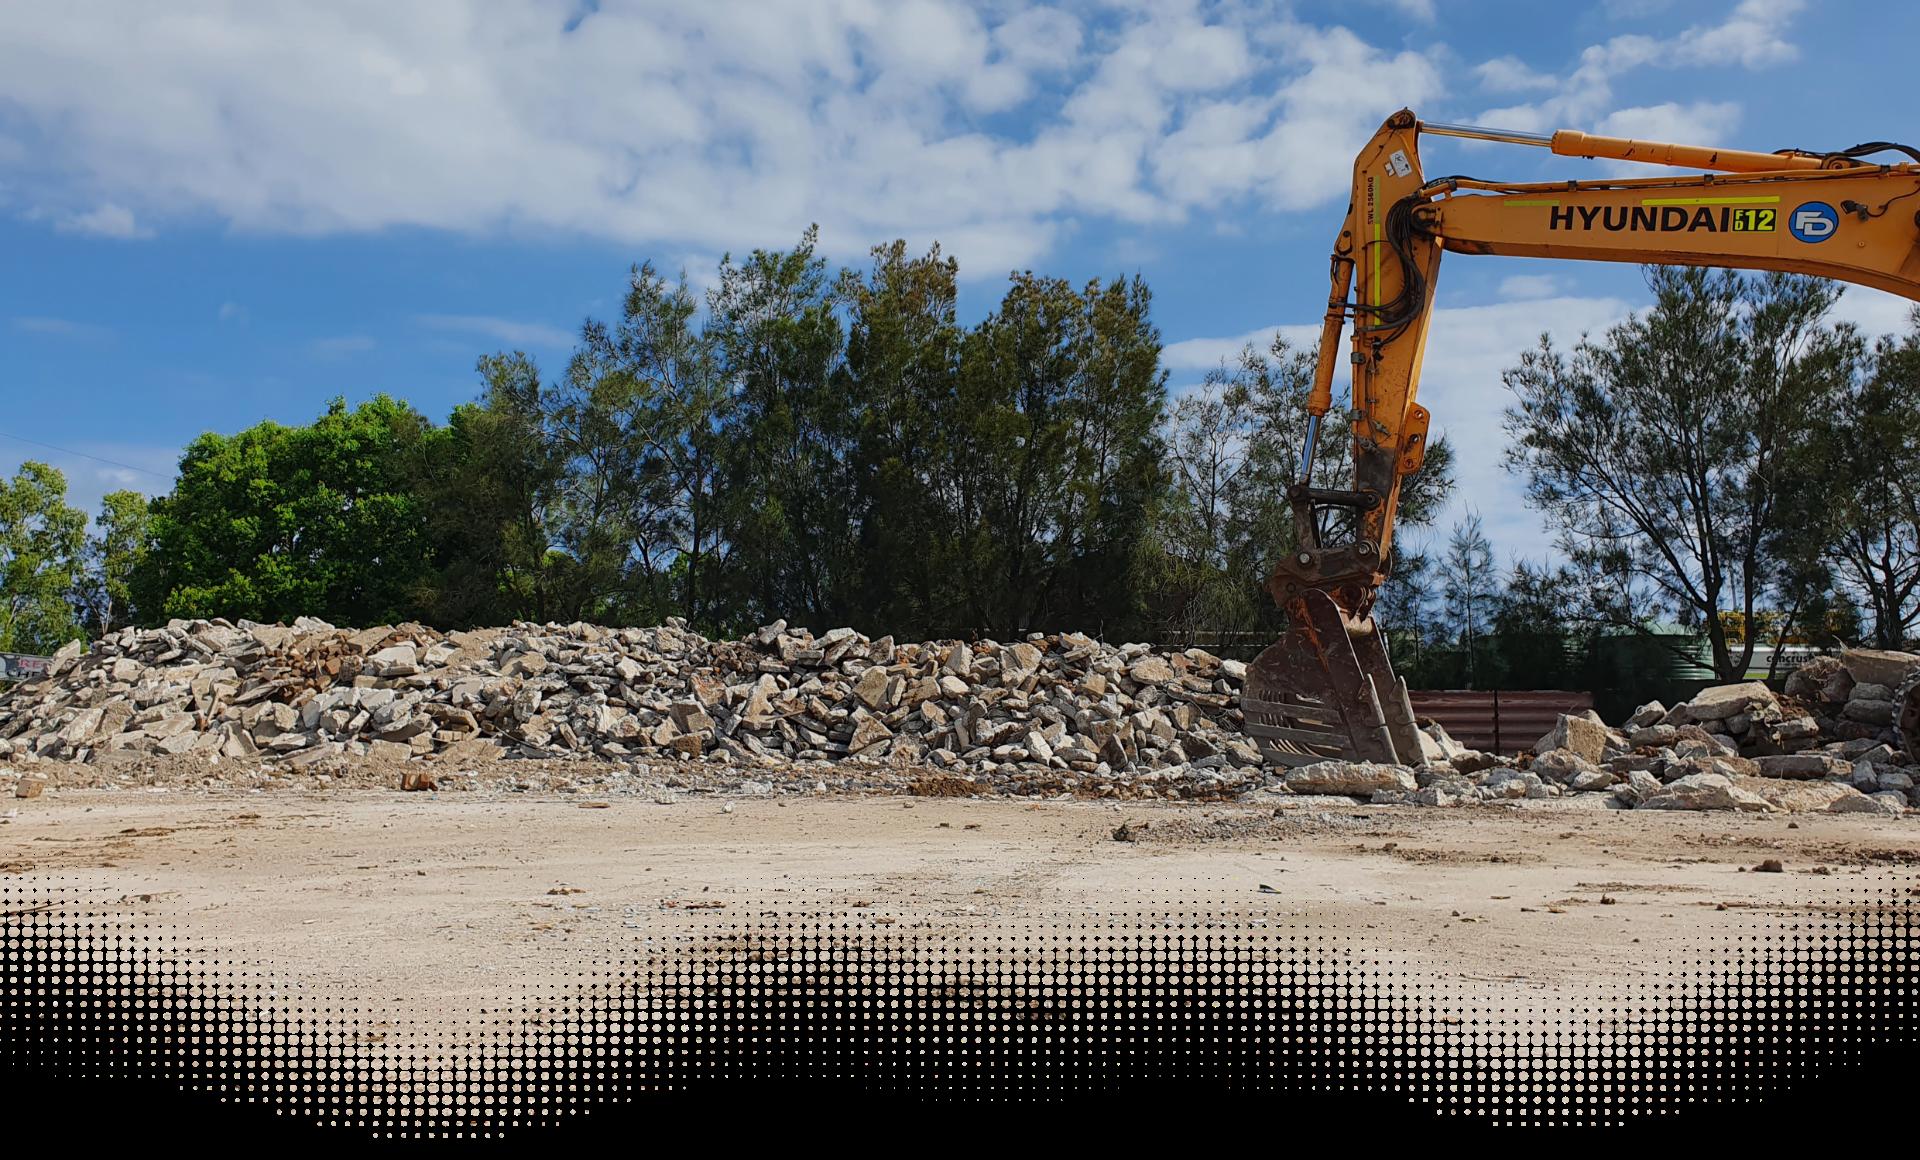 Excavator on site full of rocks